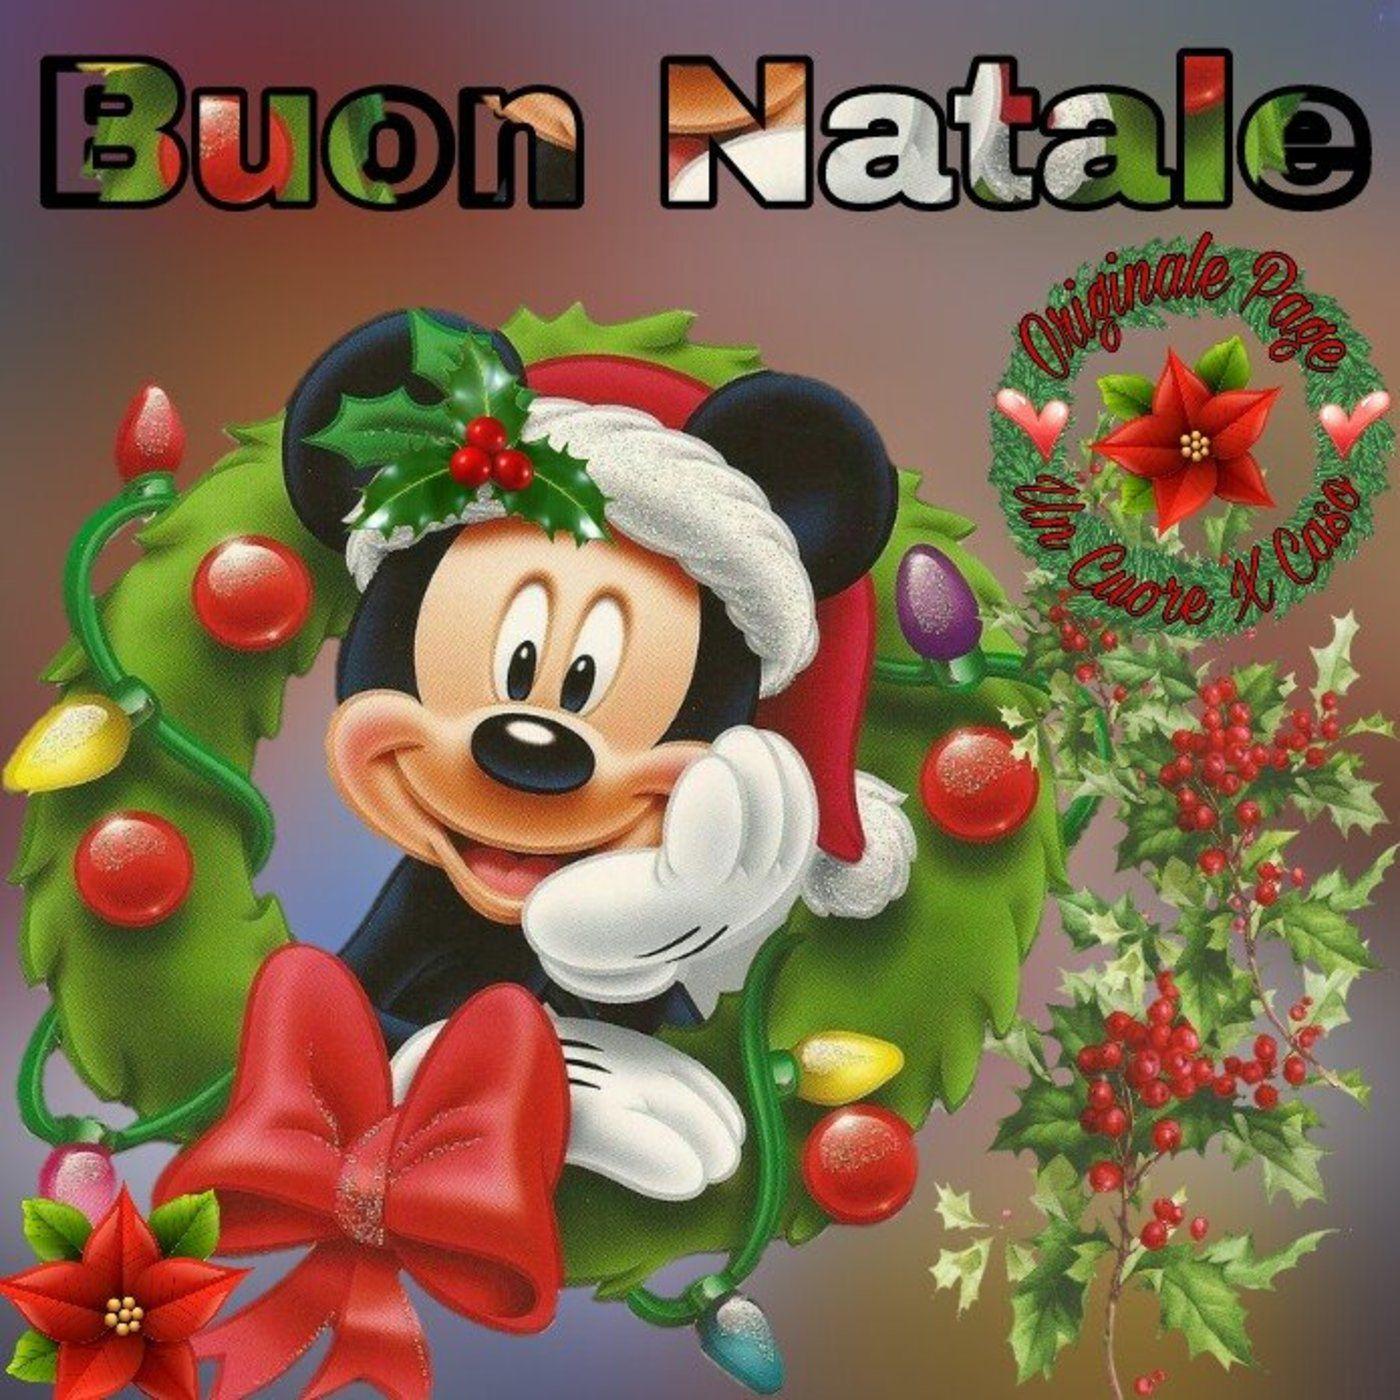 Auguri Di Natale Disney.Buon Natale Immagini Disney Auguri Di Buon Natale Natale Buon